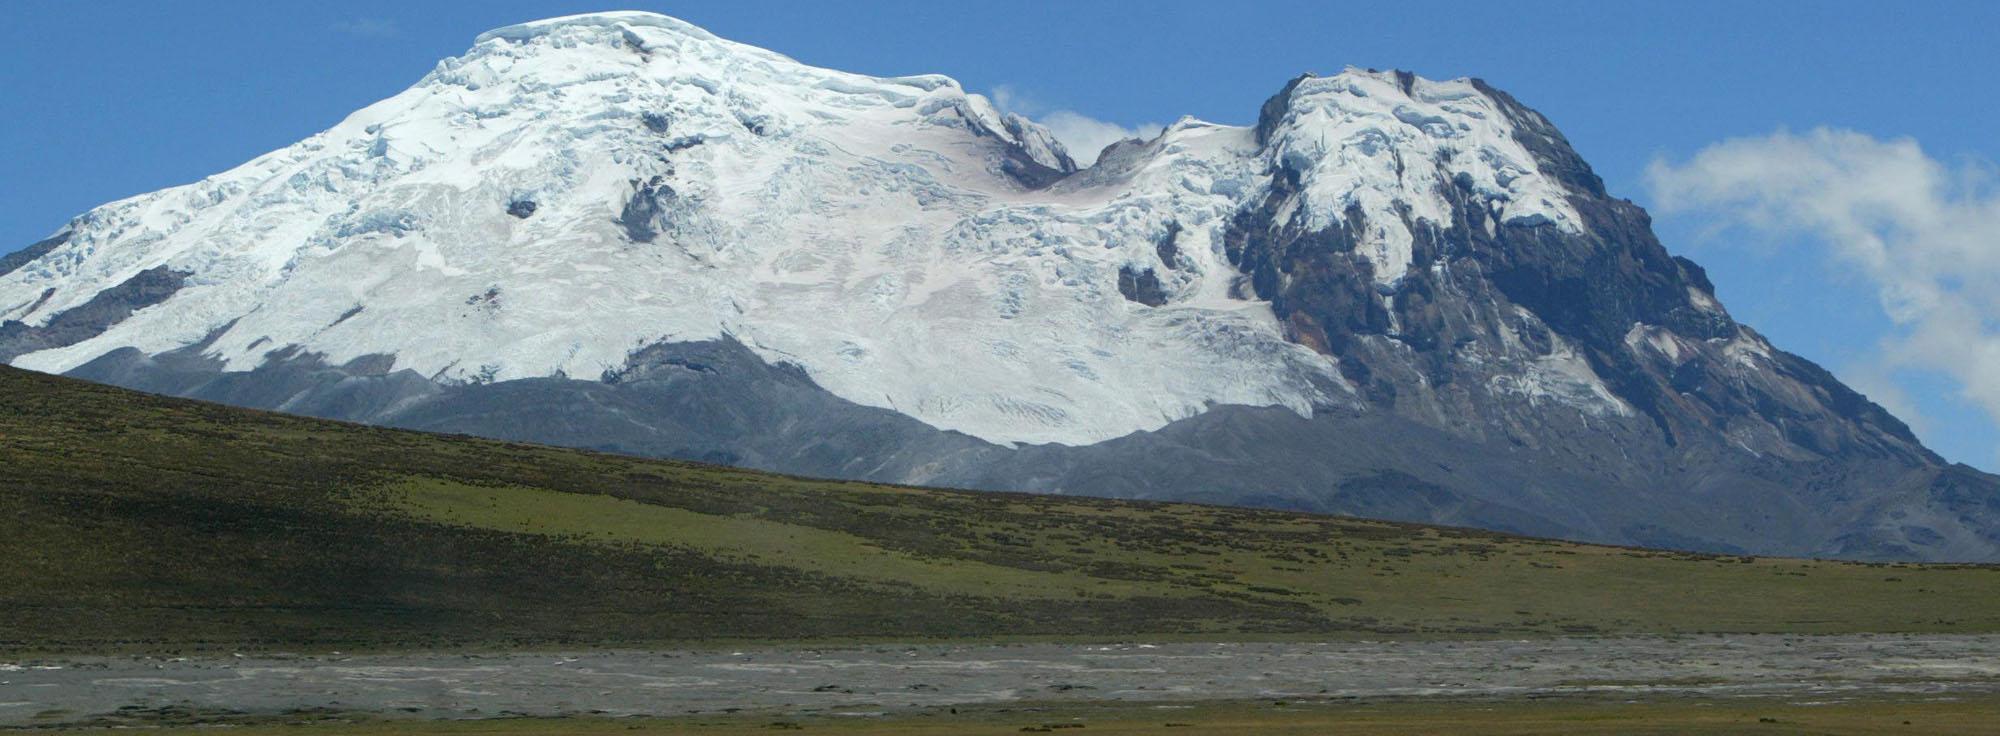 Antisana, es la fuente del agua para Quito.